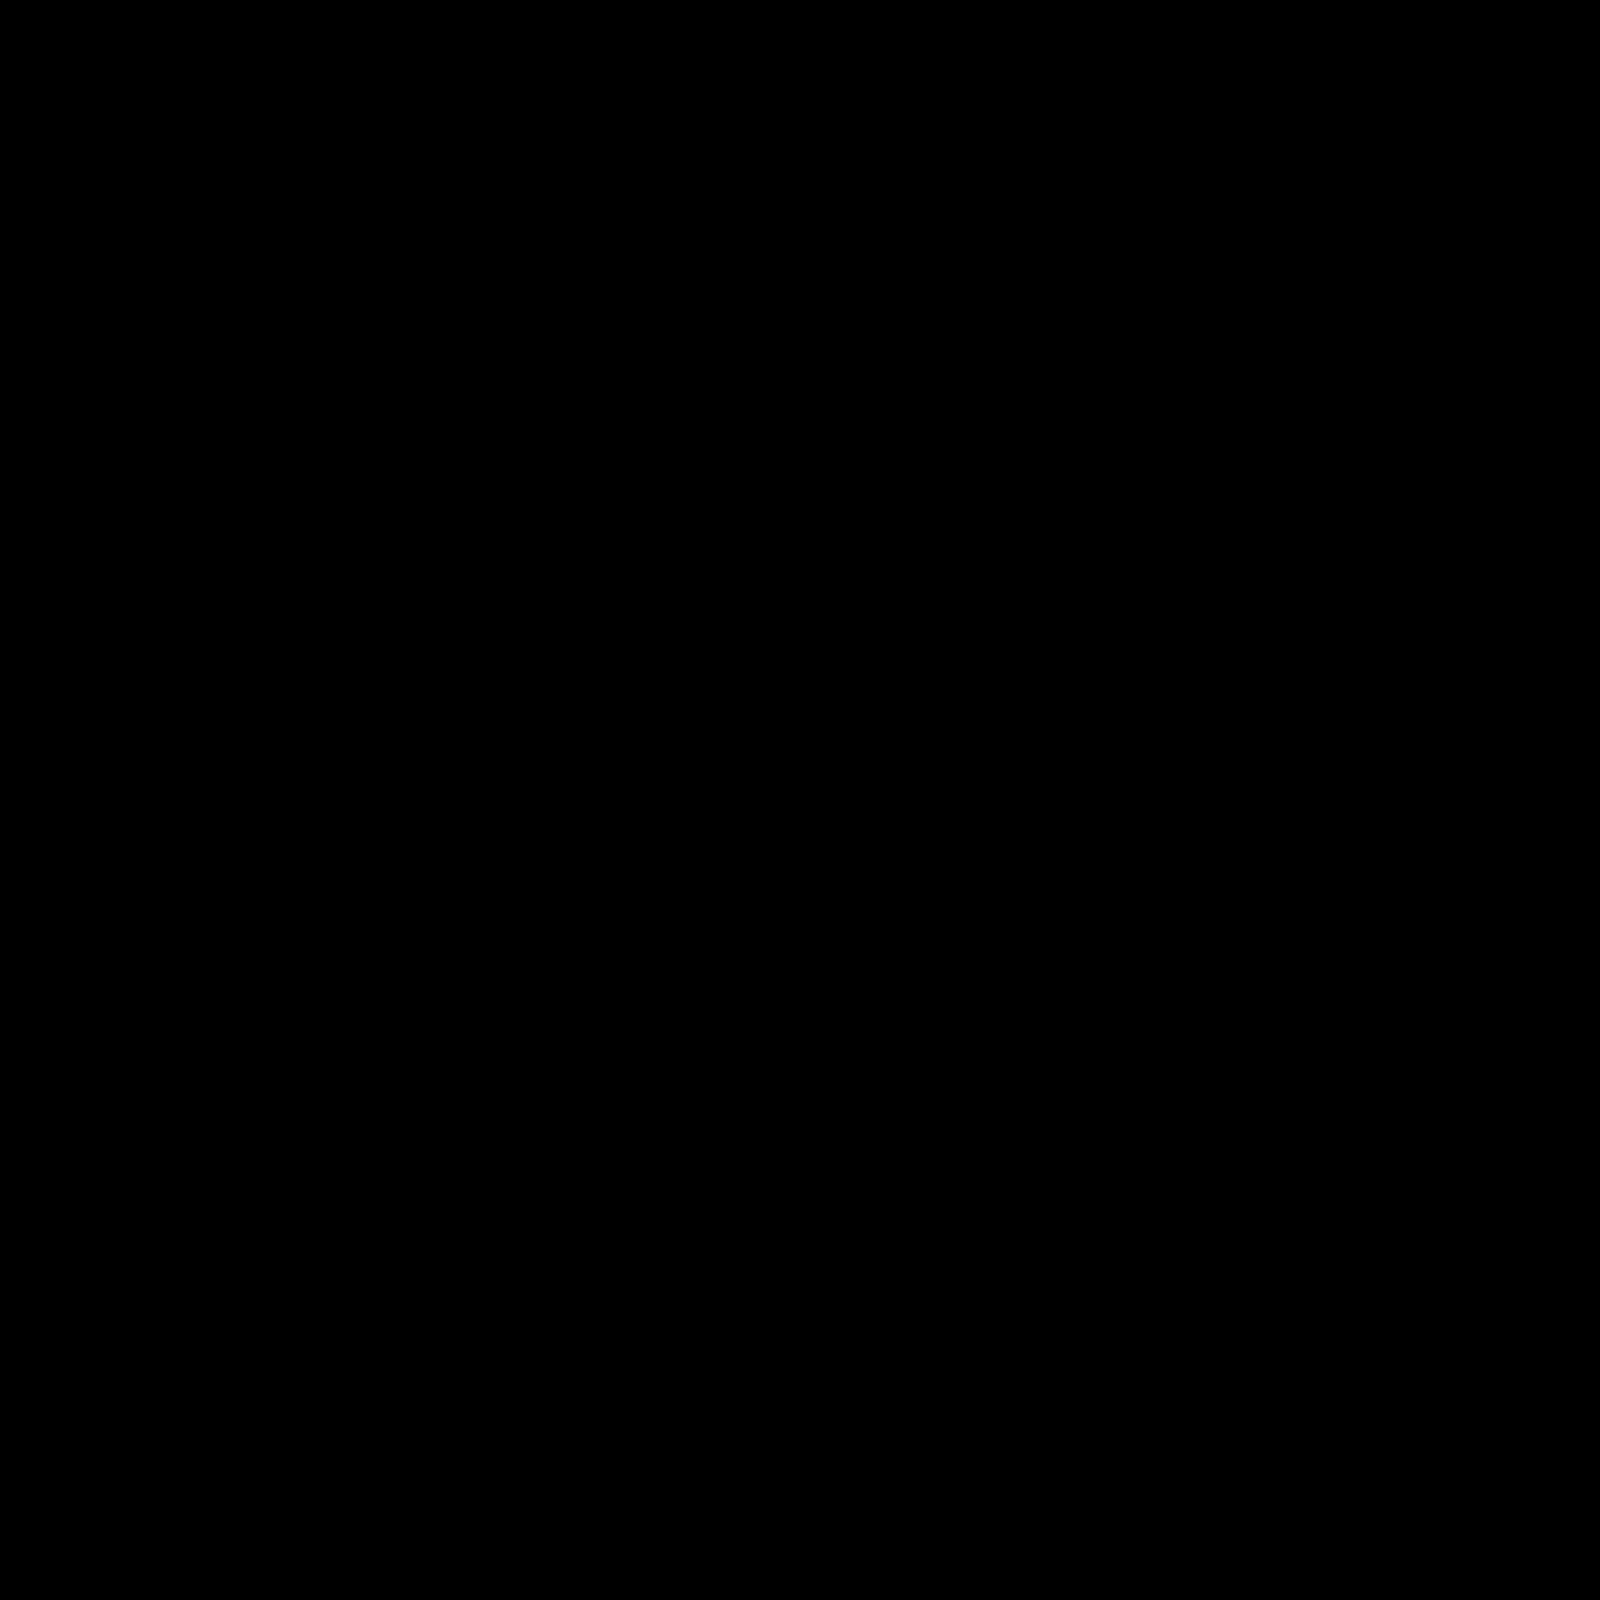 Gateau Boule De Neige Noix De Coco: Petit Gateaux Noix De Coco Confiture